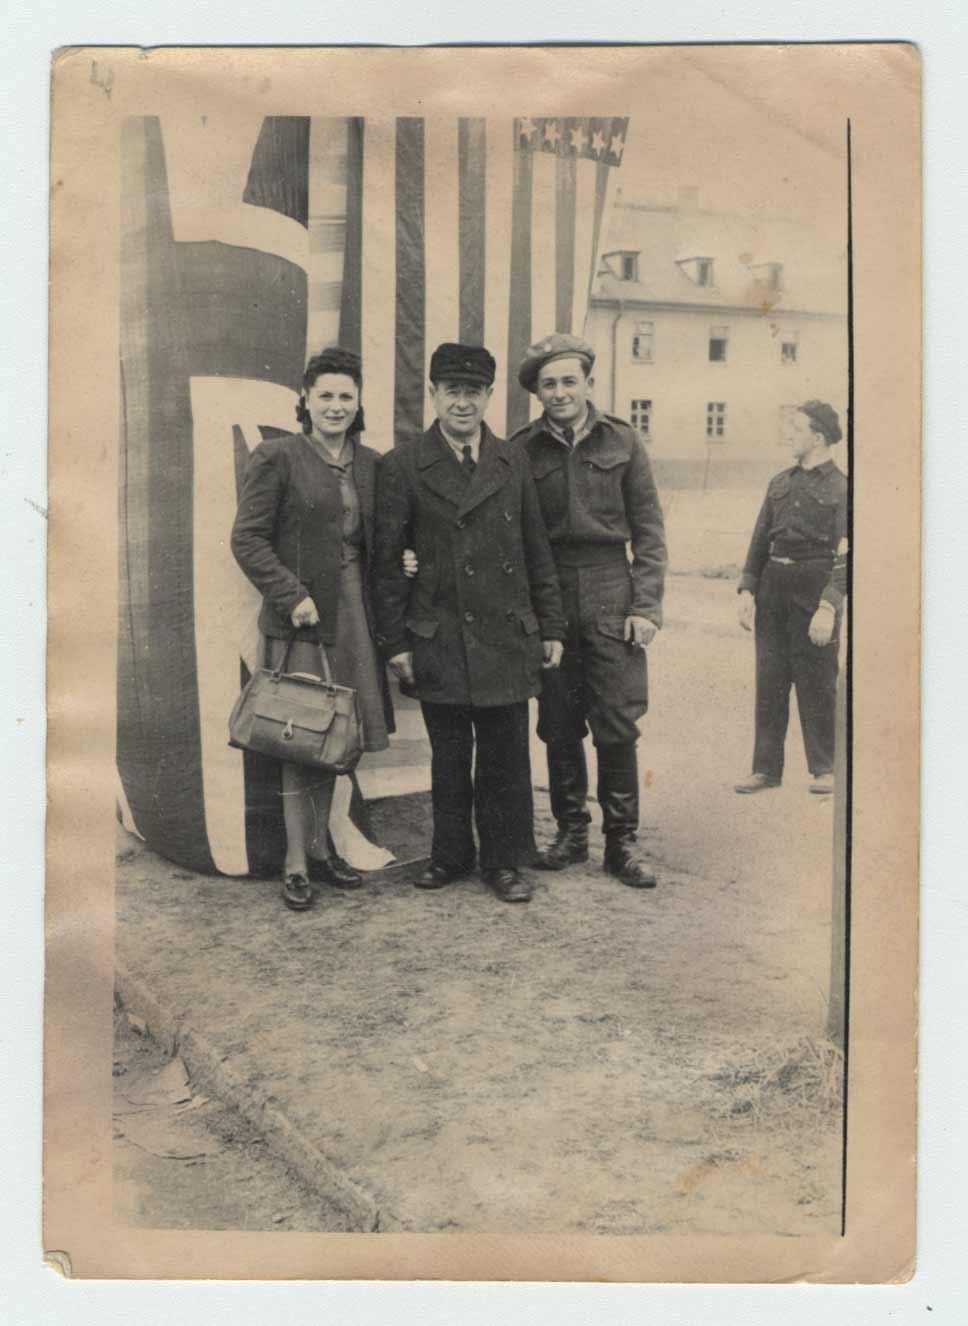 Sara Ostrzega, son père Kopel et son frère Israel photographiés lors de la journée commémorative de la libération au camp de personnes déplacées de Bergen-Belsen en 1947.